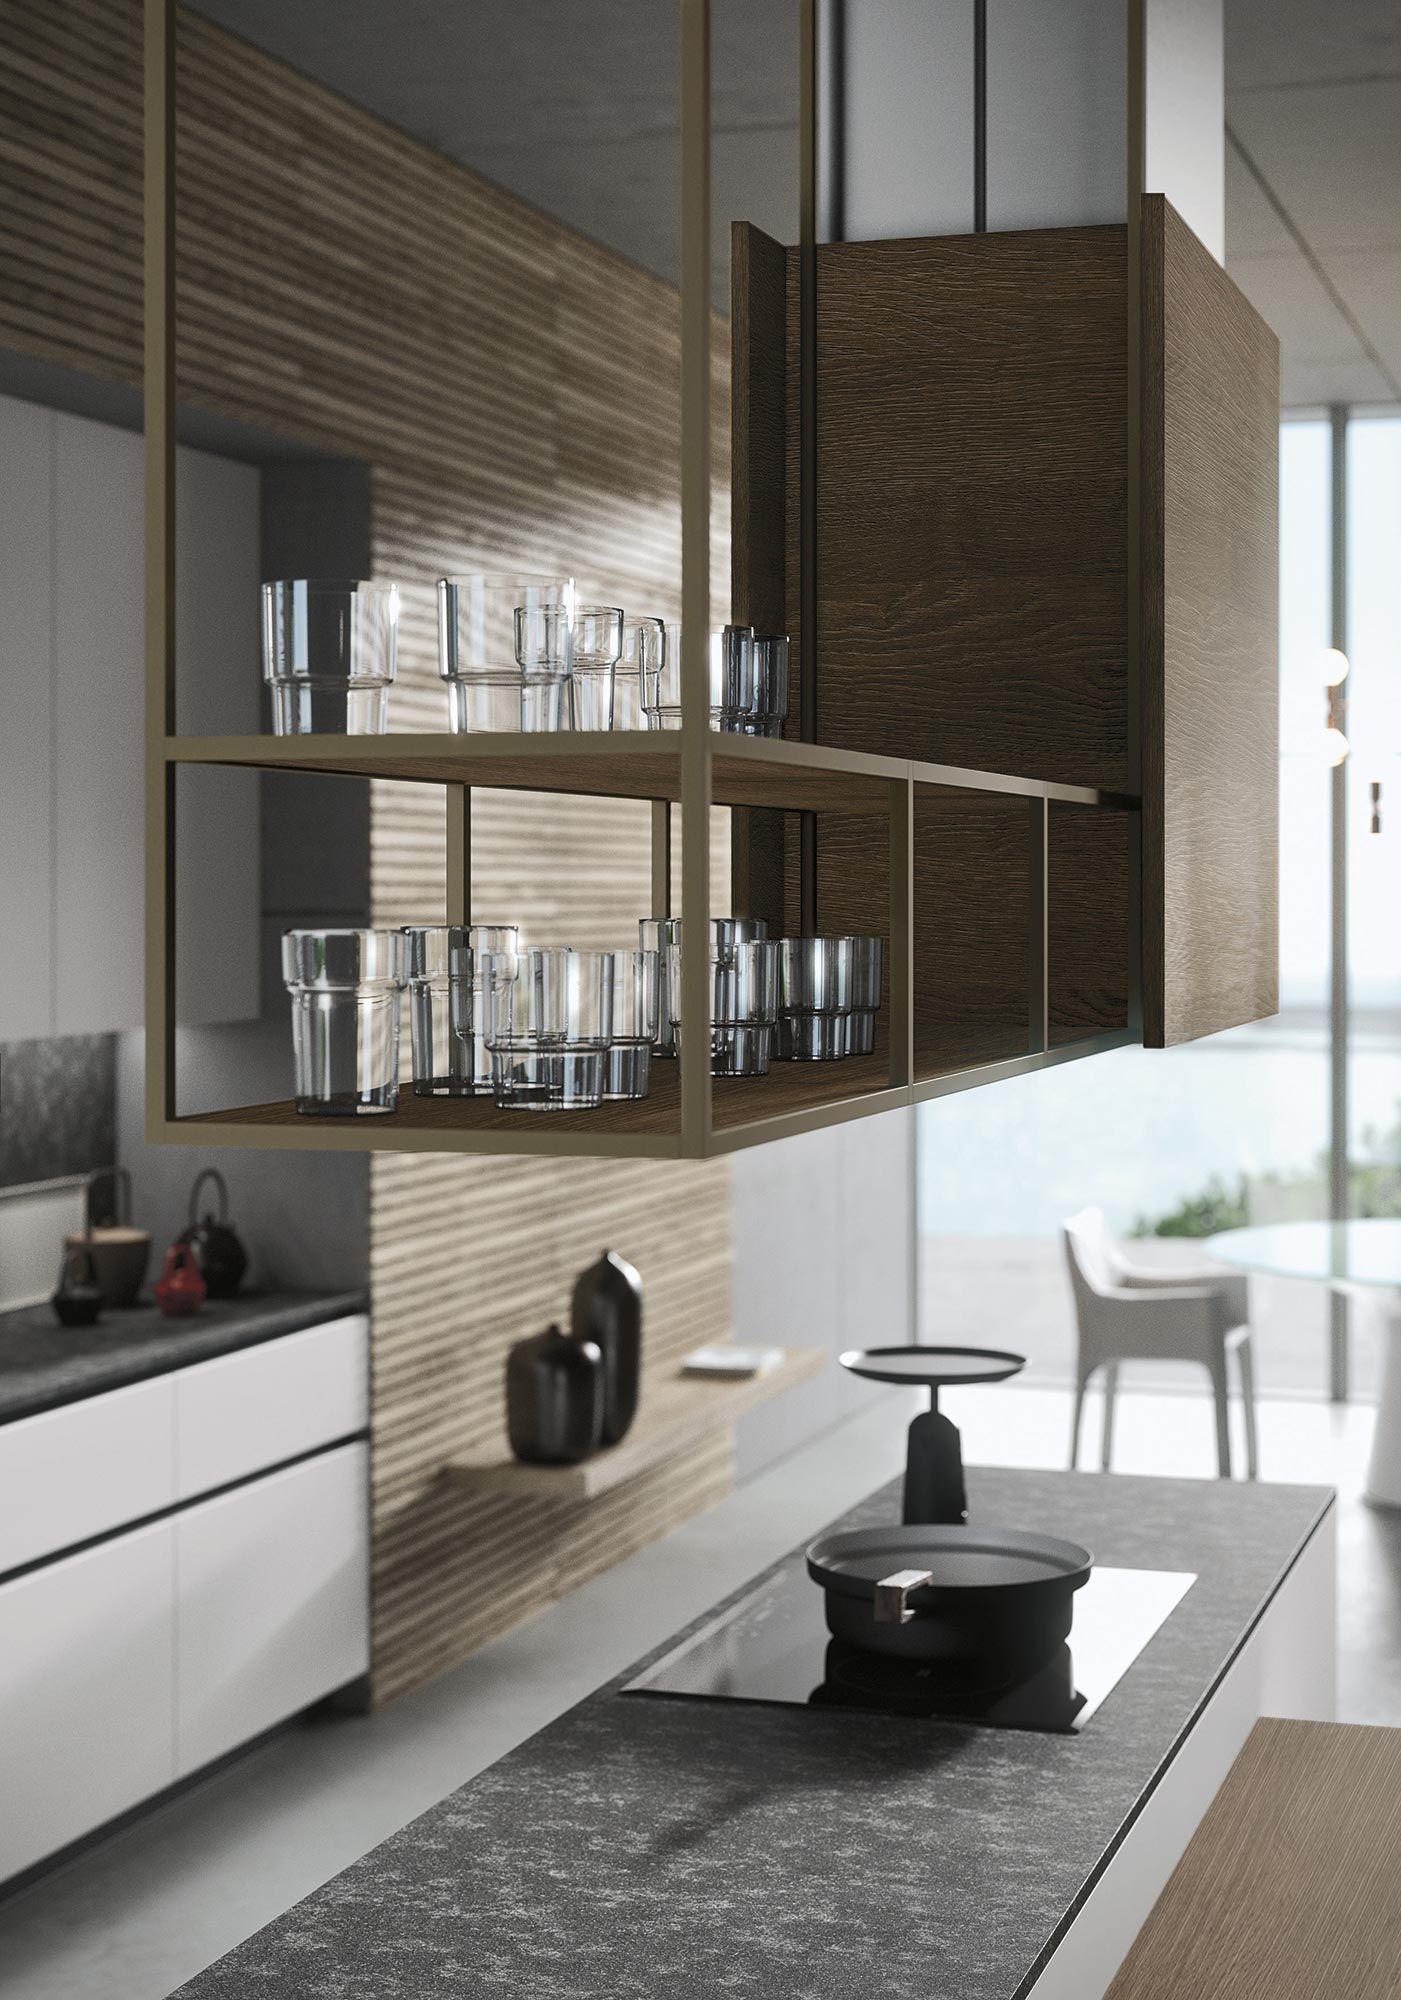 Cucine componibili moderne: design Michele Marcon per Look ...